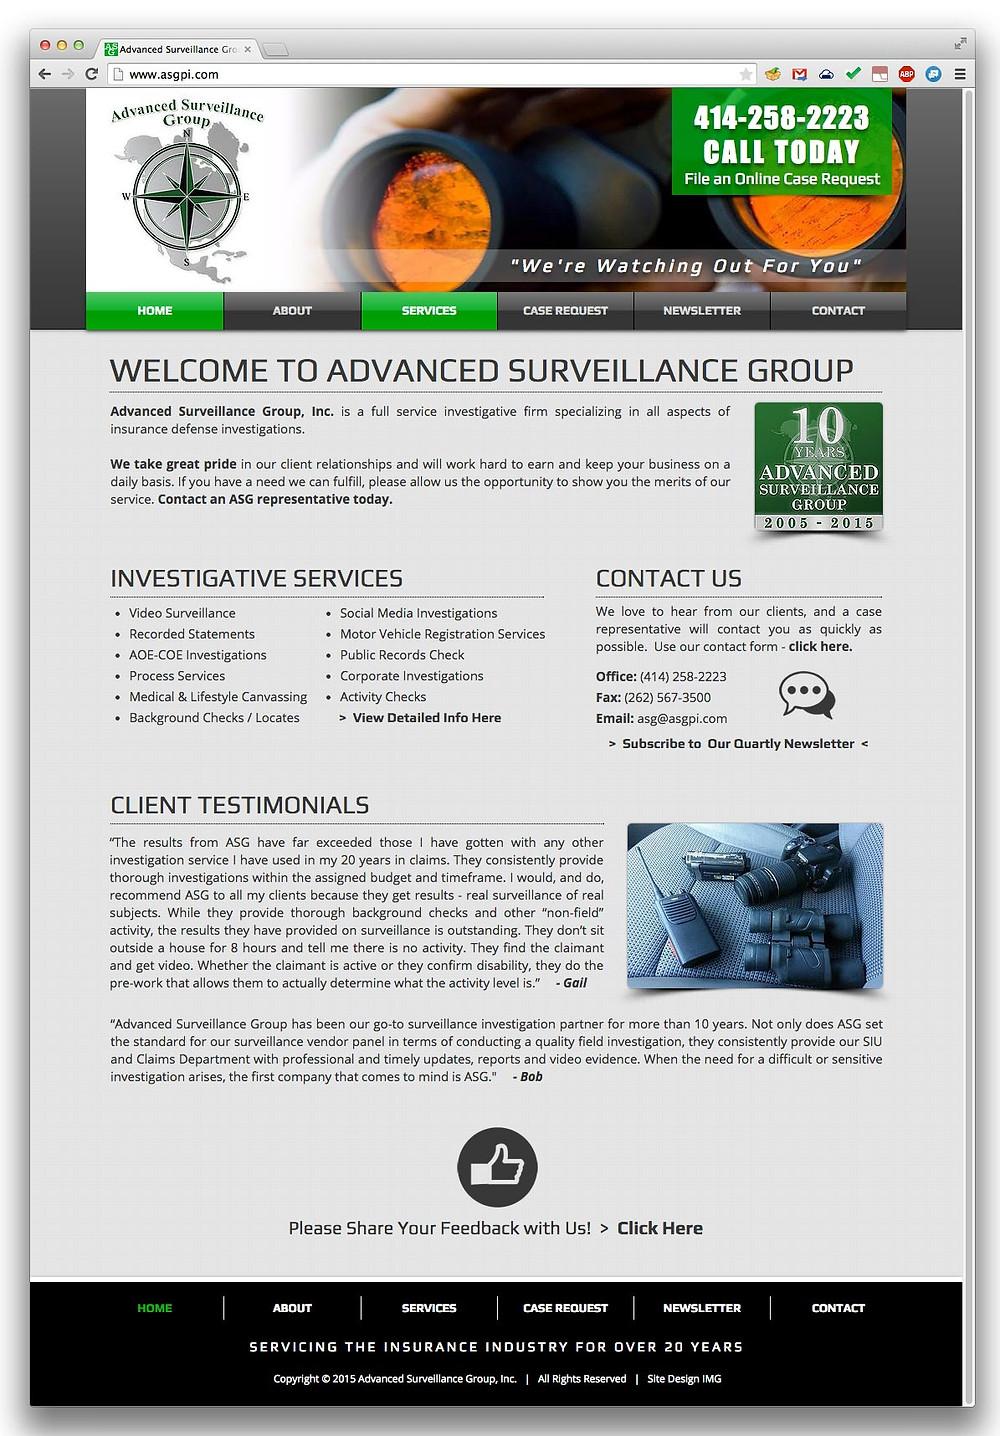 Advanced Surveillance Group Website Screenshot